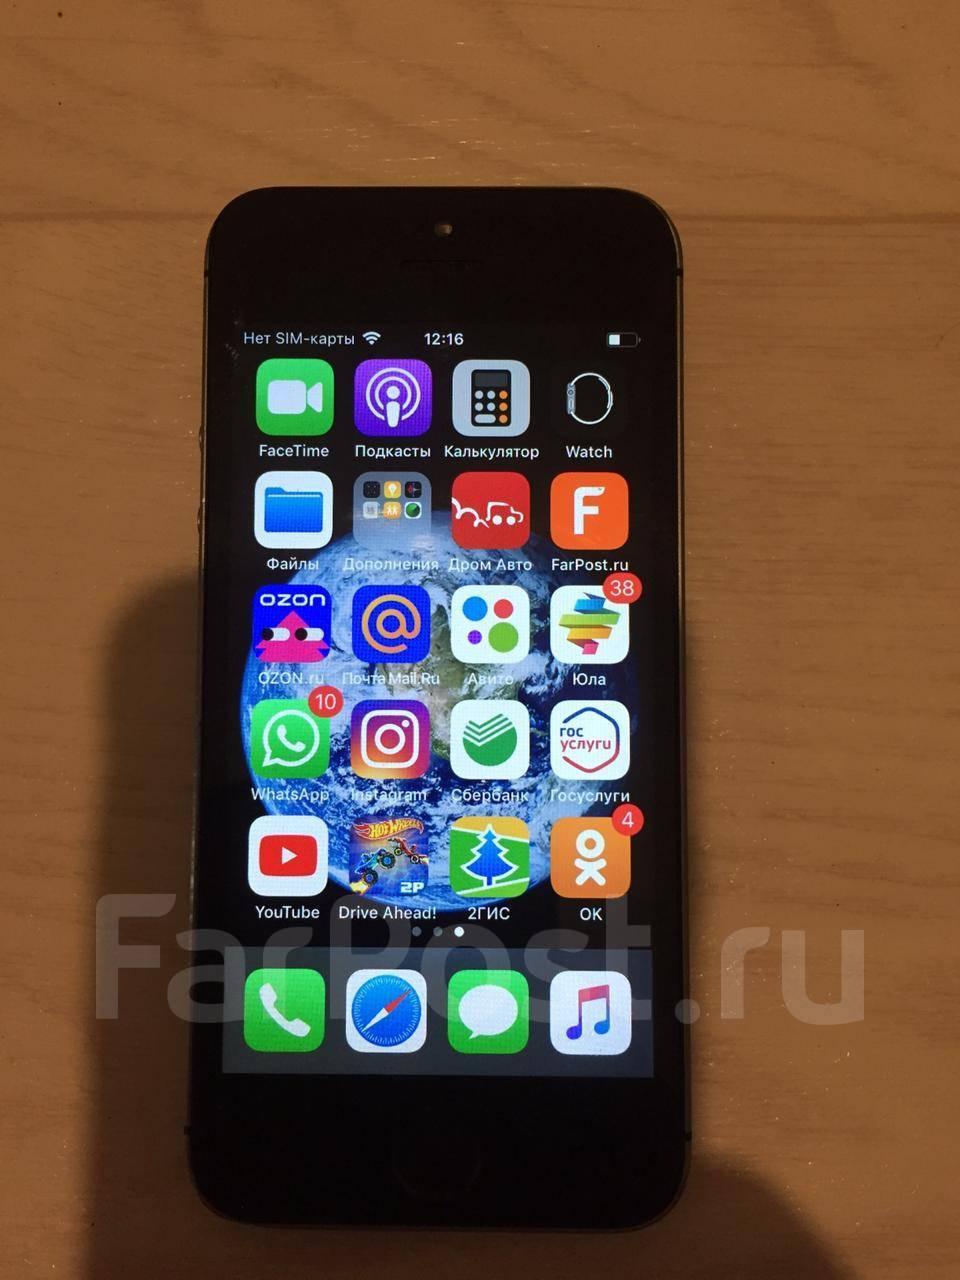 Купить смартфон Apple iPhone 5s в Южно-Сахалинске! Цены на новые и б у  мобильные телефоны Apple iPhone 5s 2815ae39a89